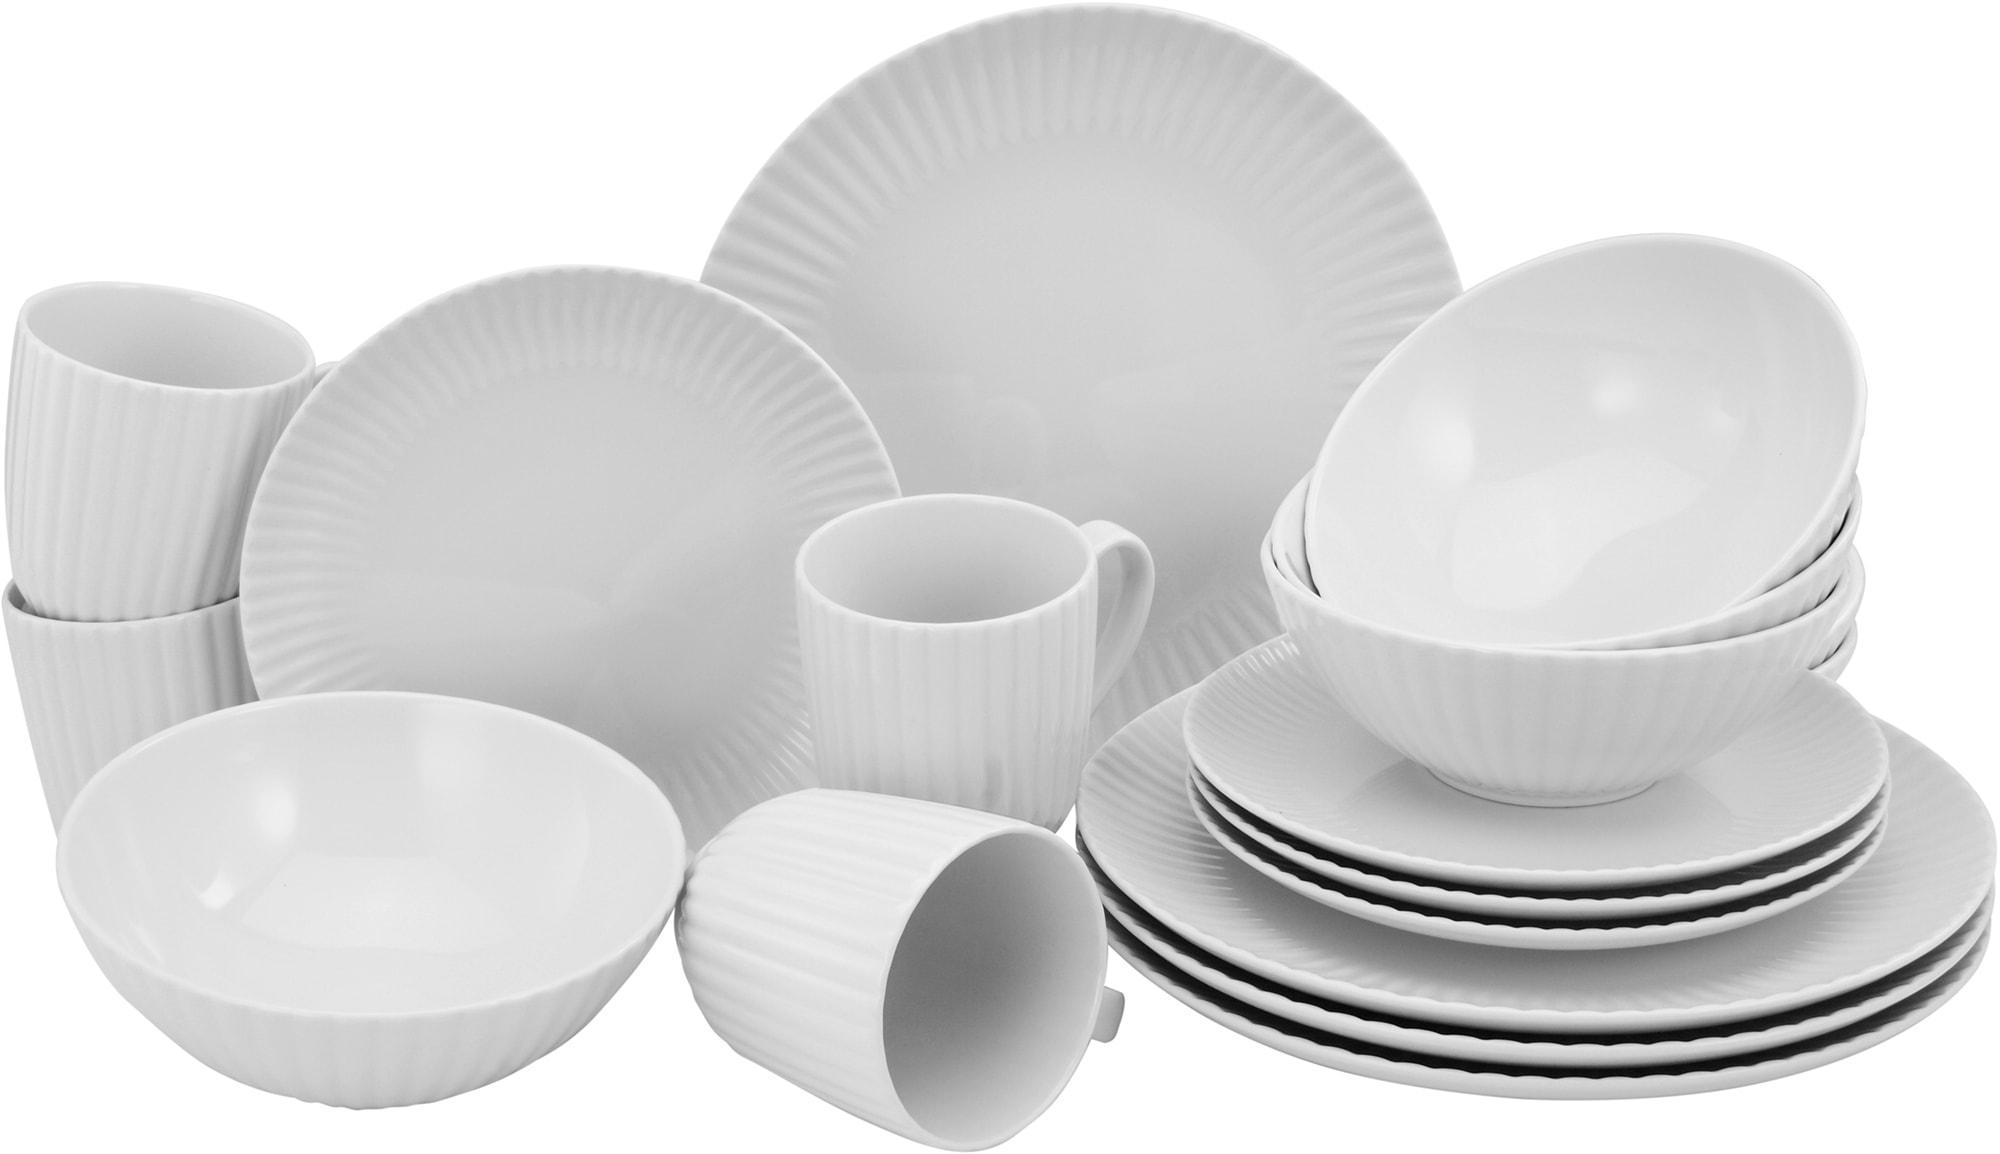 CreaTable Kombiservice Allegra, (Set, 16 tlg.), im Trend-Design weiß Geschirr-Sets Geschirr, Porzellan Tischaccessoires Haushaltswaren